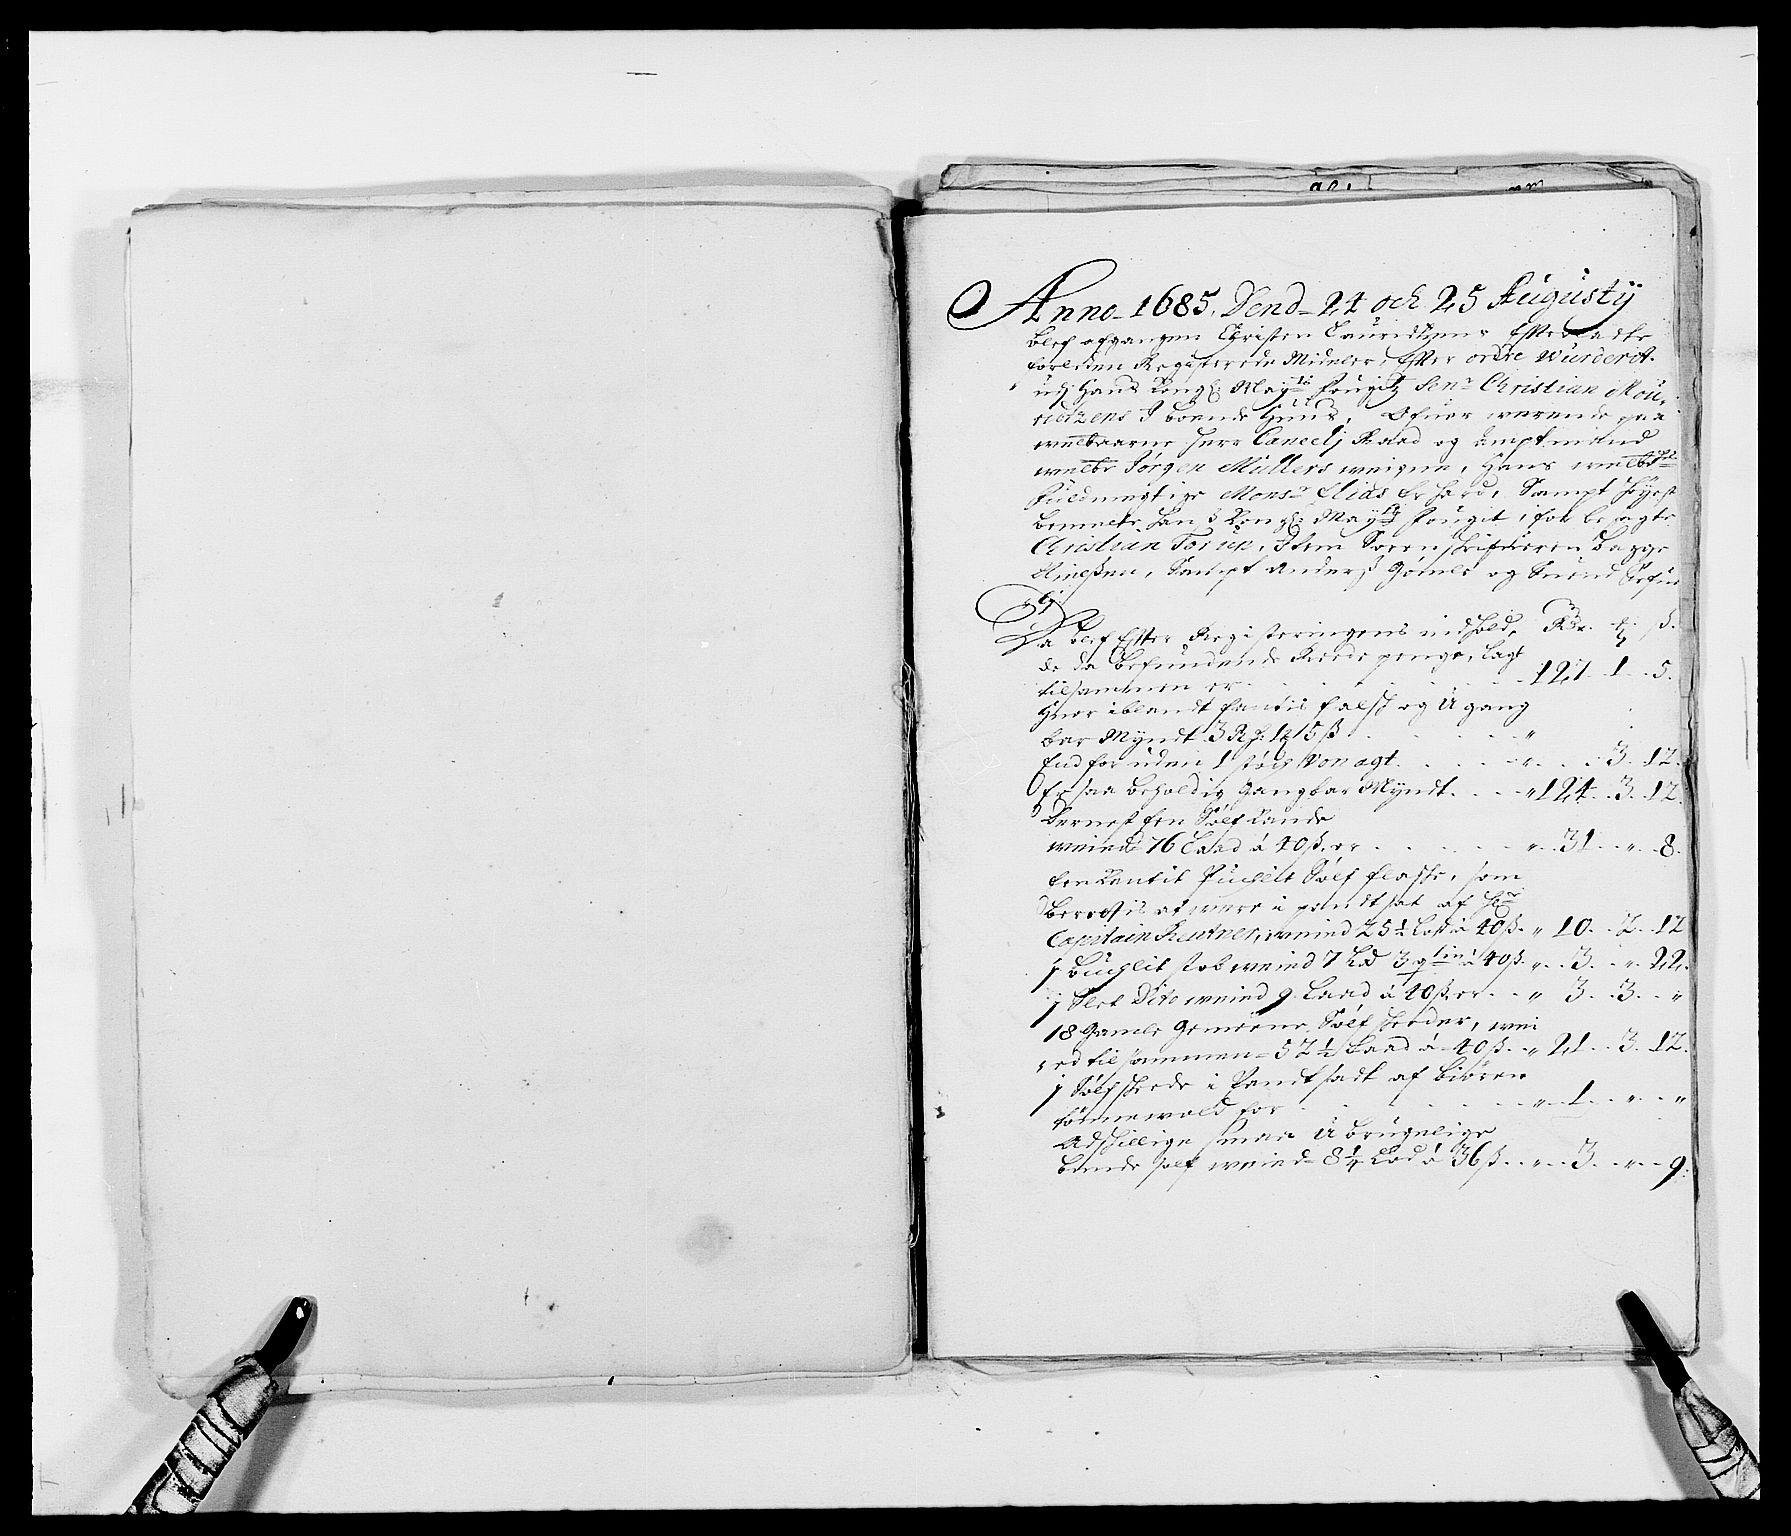 RA, Rentekammeret inntil 1814, Reviderte regnskaper, Fogderegnskap, R39/L2308: Fogderegnskap Nedenes, 1684-1689, s. 67